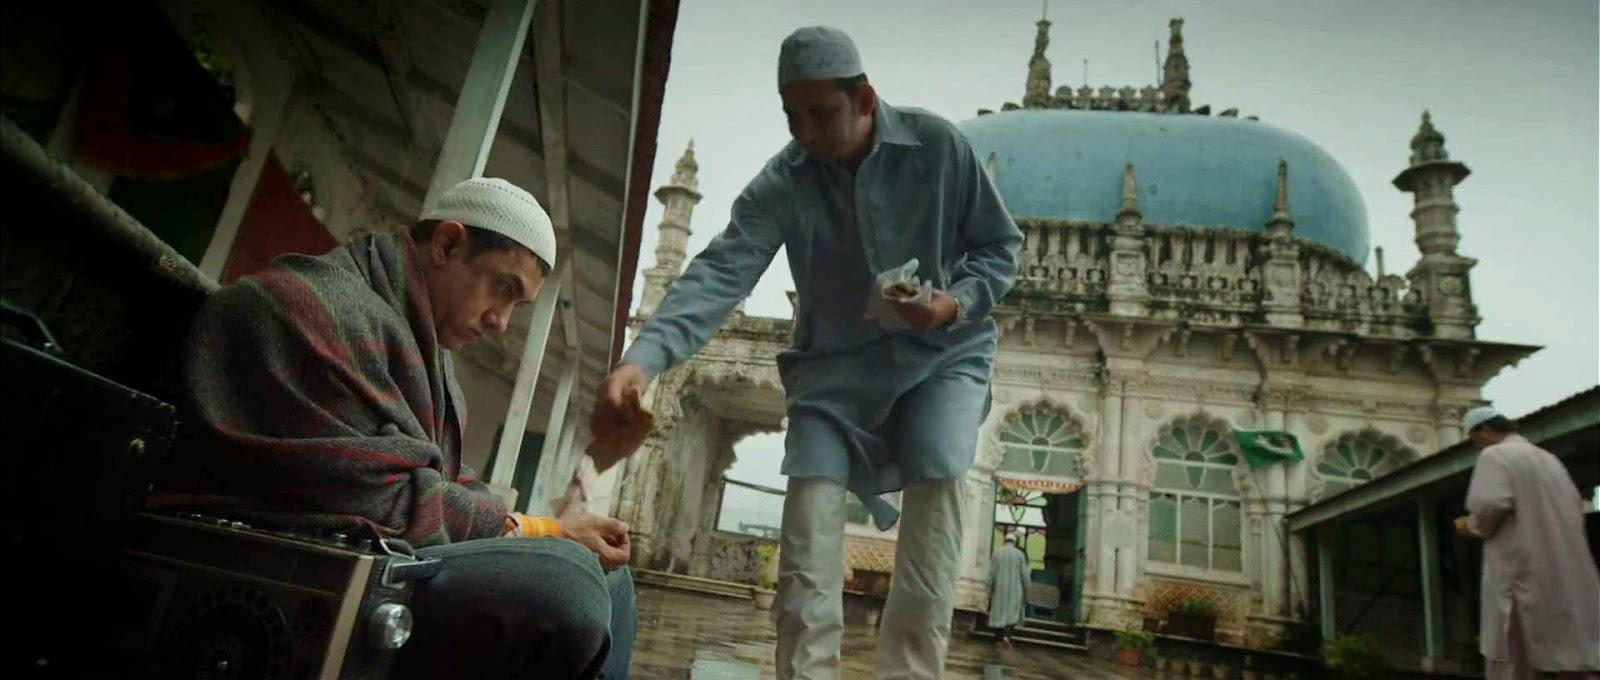 Peekay beristirahat di pelataran masjid kota India